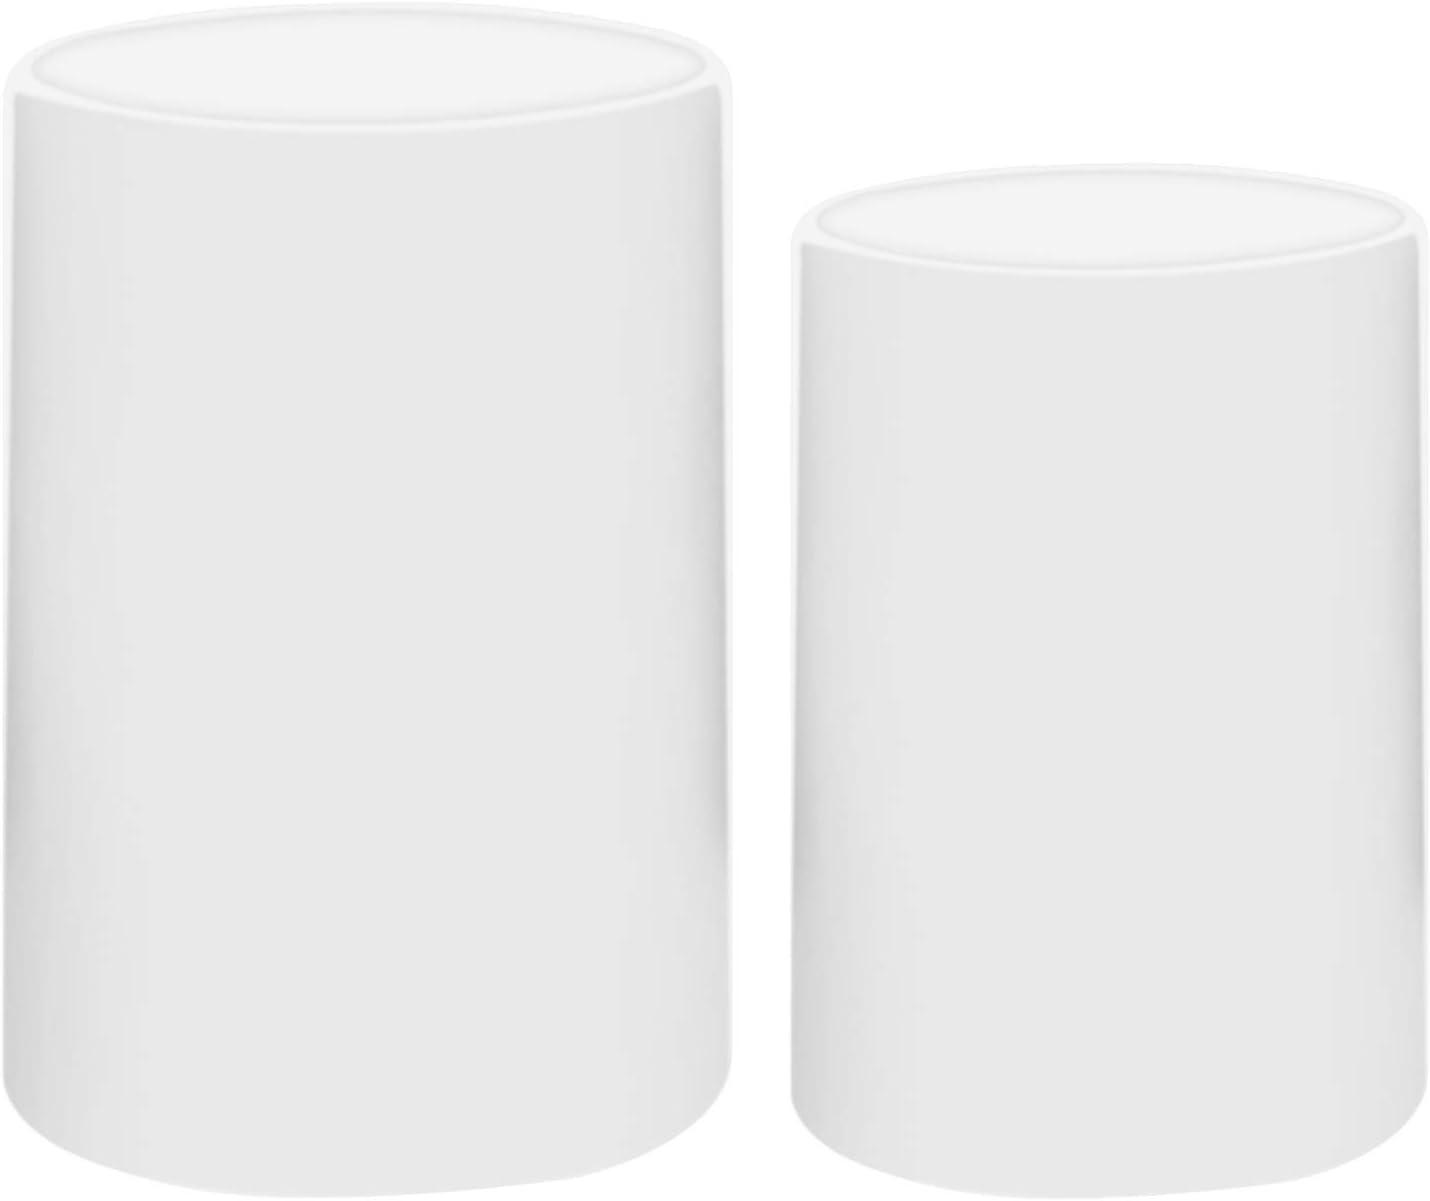 2 moldes de silicona para resina (cilindos, ver medidas)